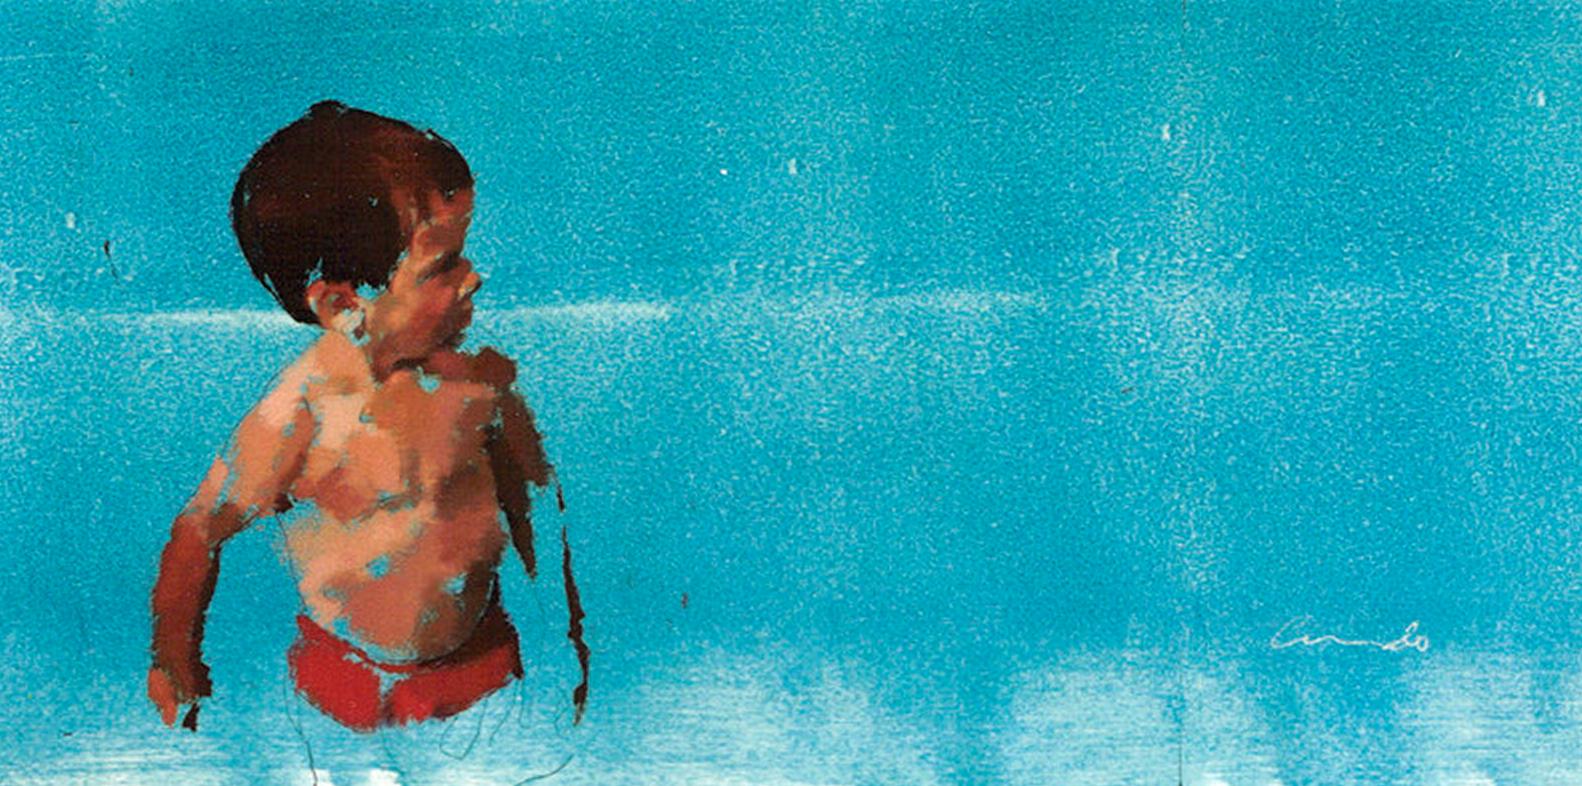 2013 01 11 Miguel Coronado 04 Miguel Coronado